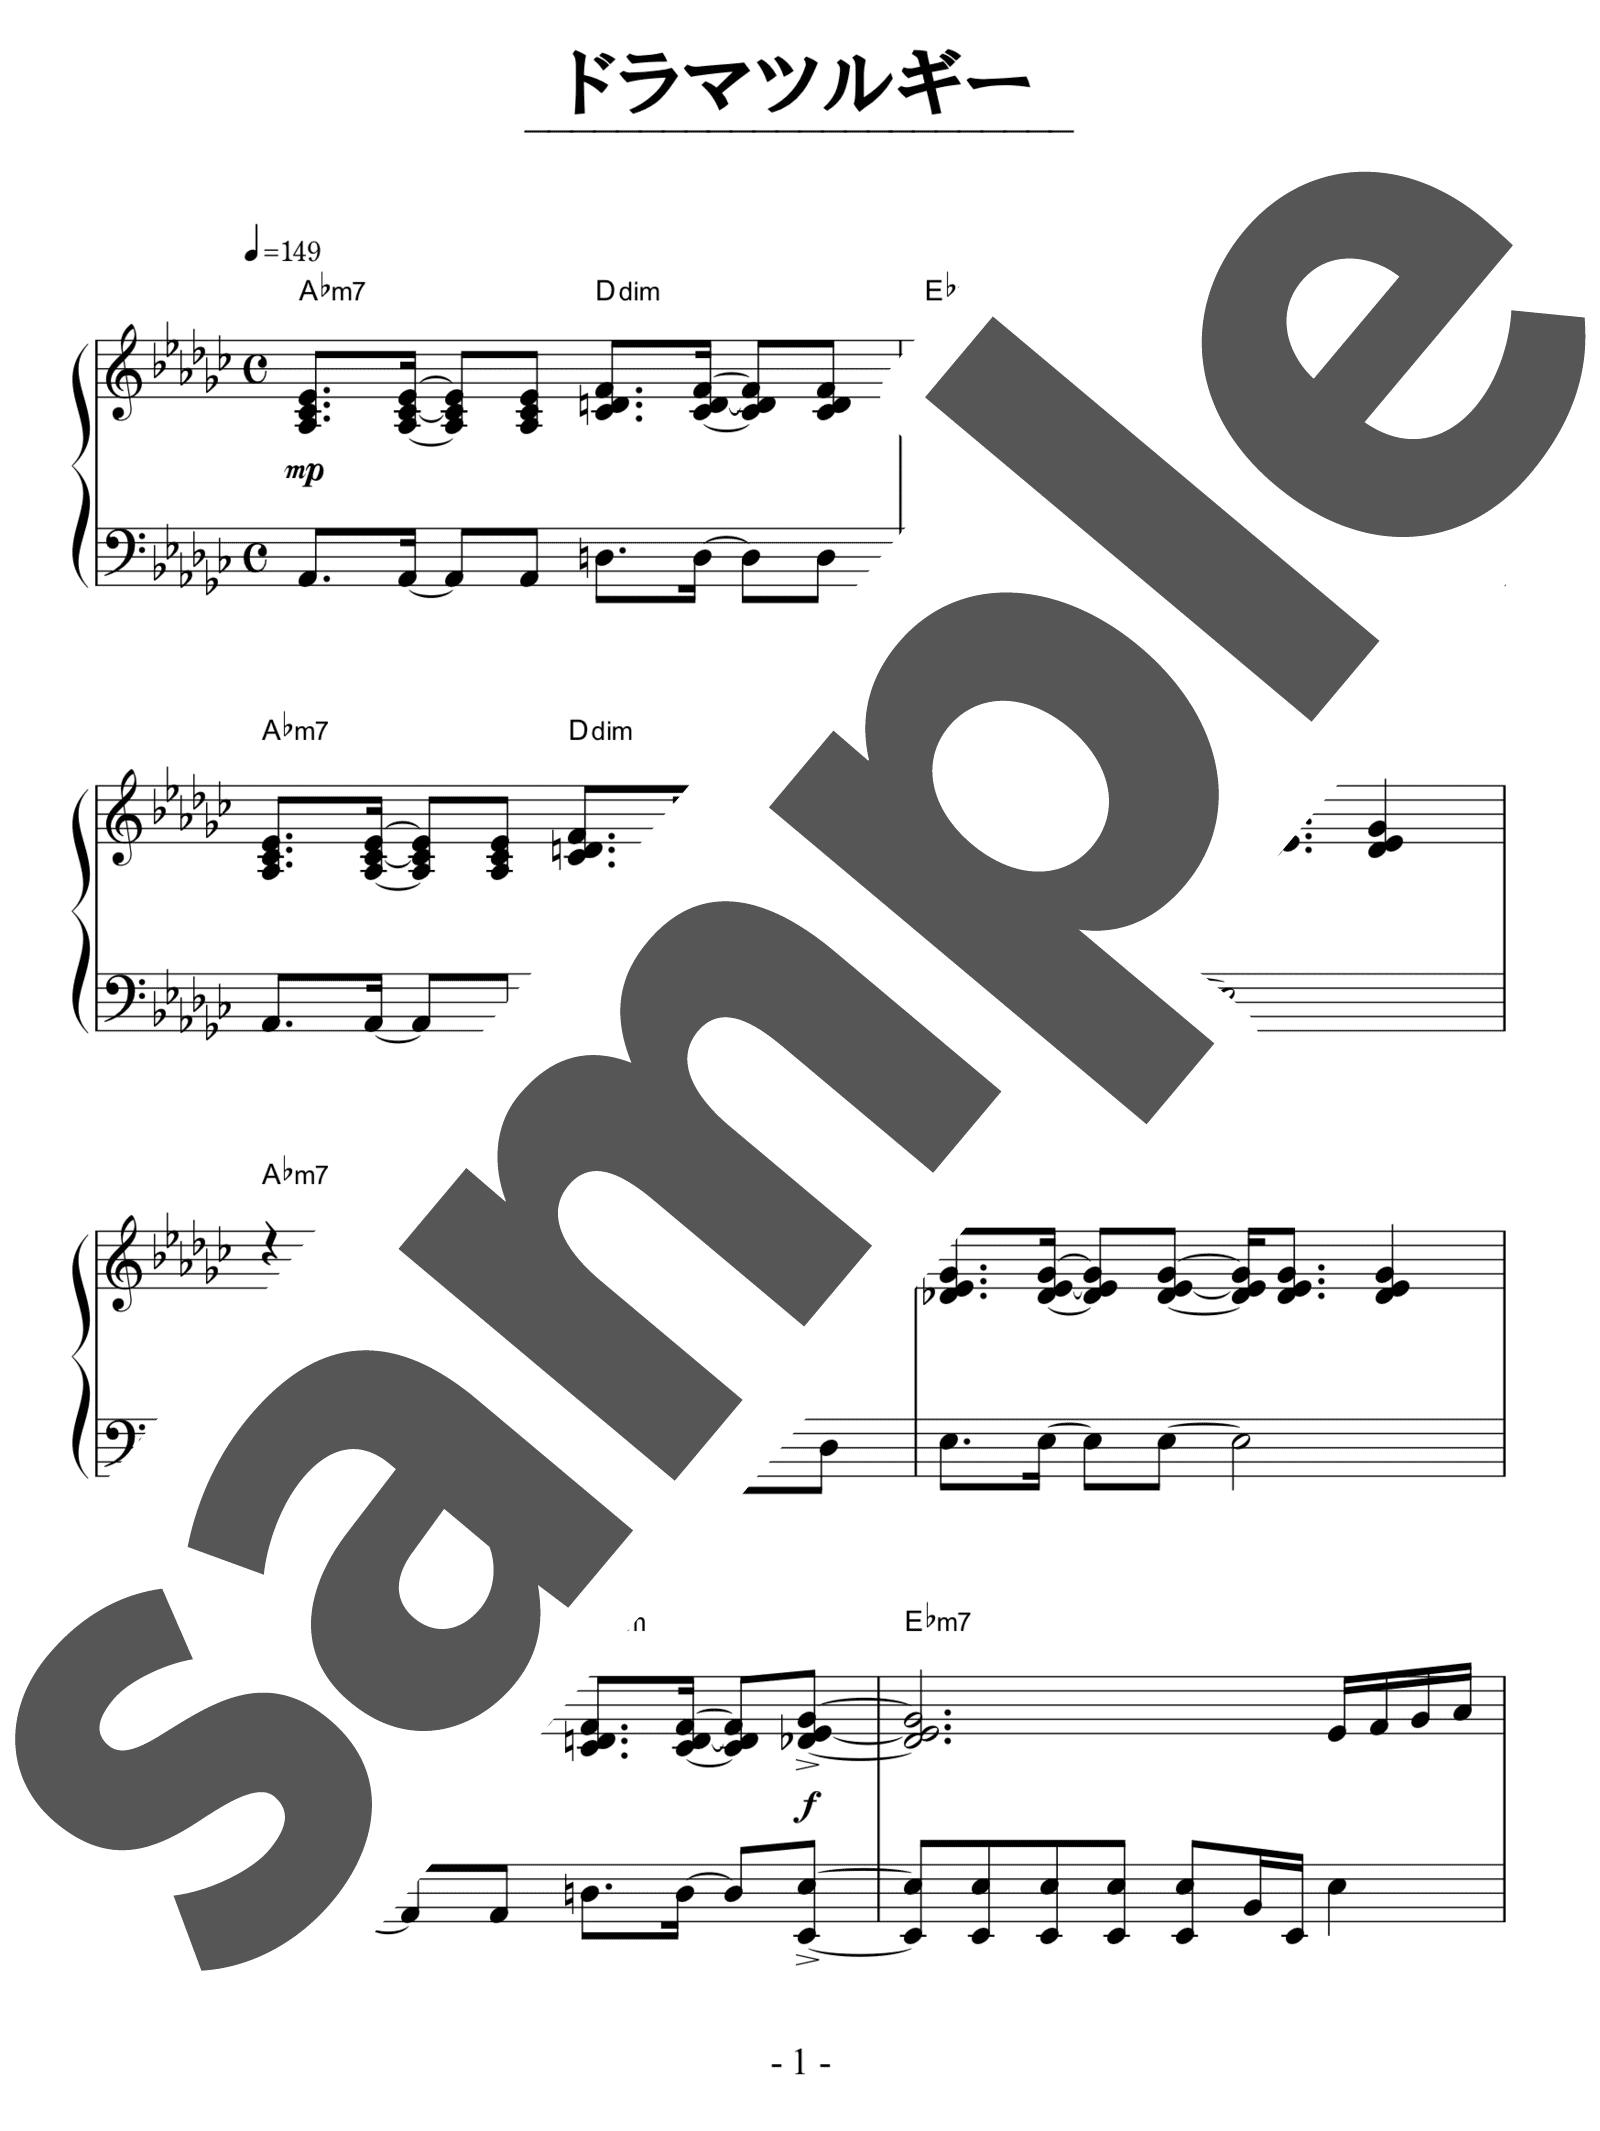 「ドラマツルギー」のサンプル楽譜